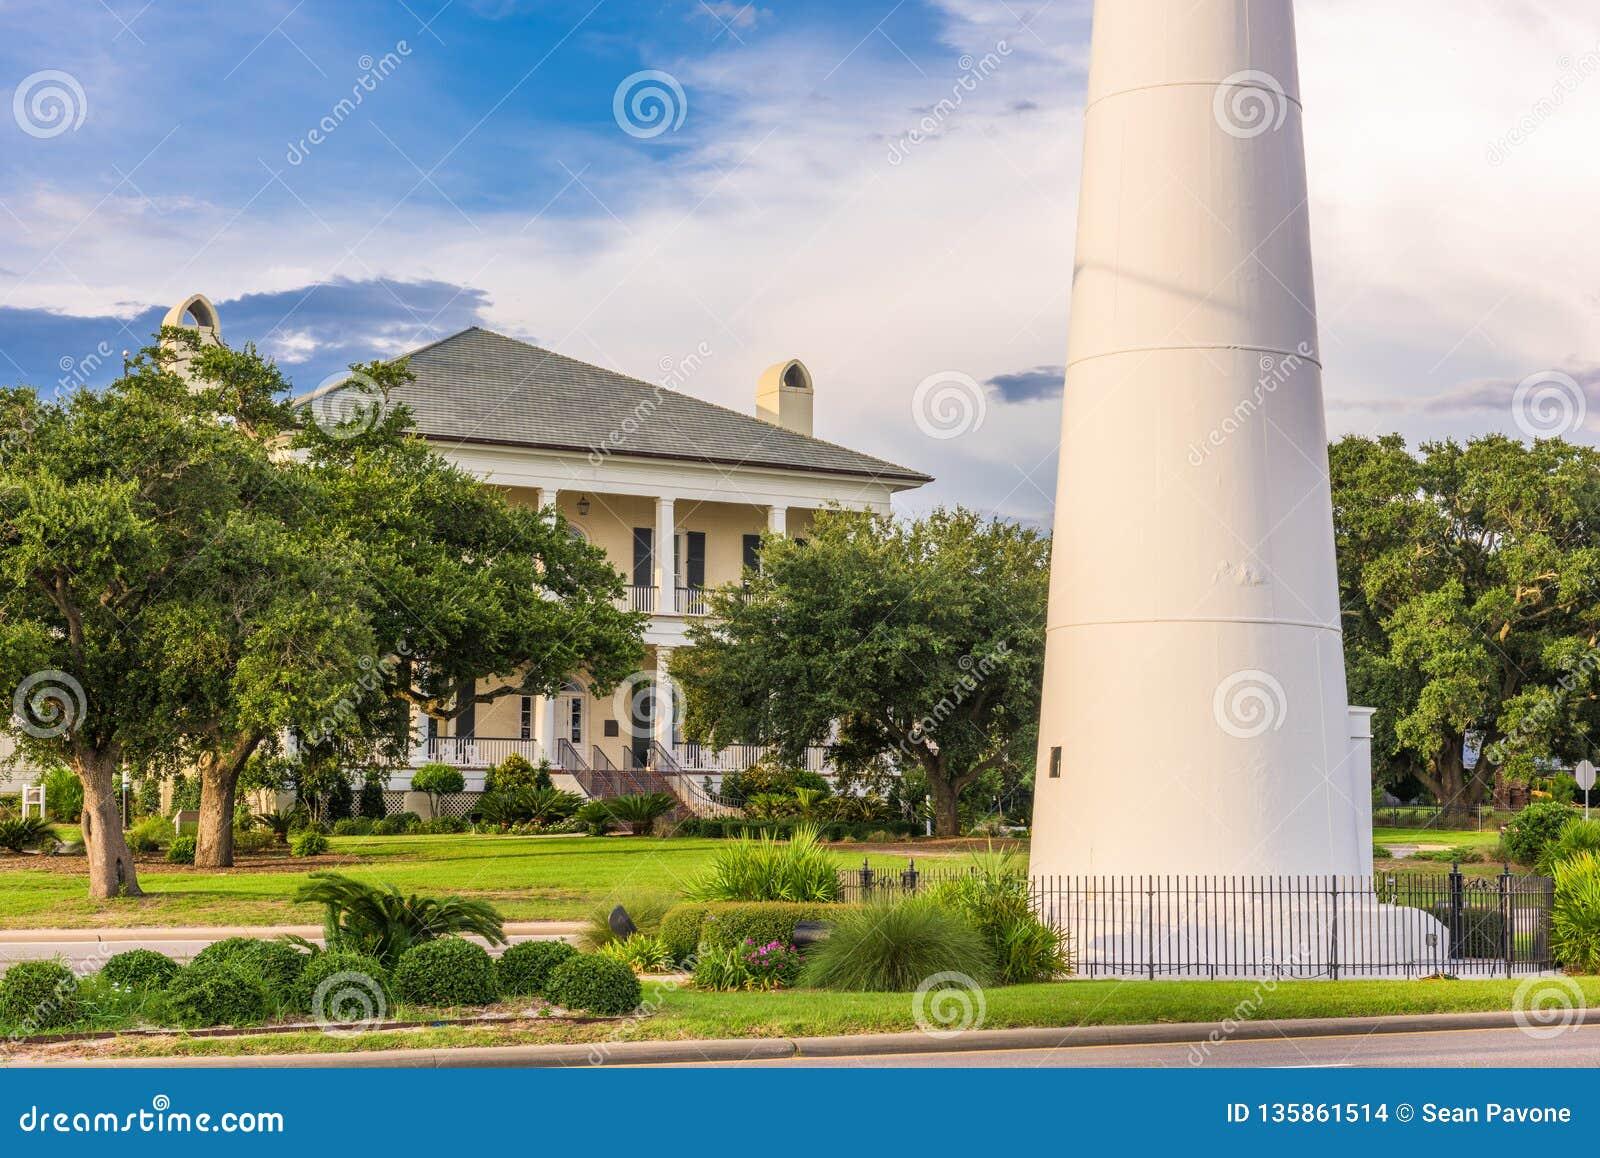 Biloxi Mississippi Usa At Biloxi Lighthouse Stock Photo Image